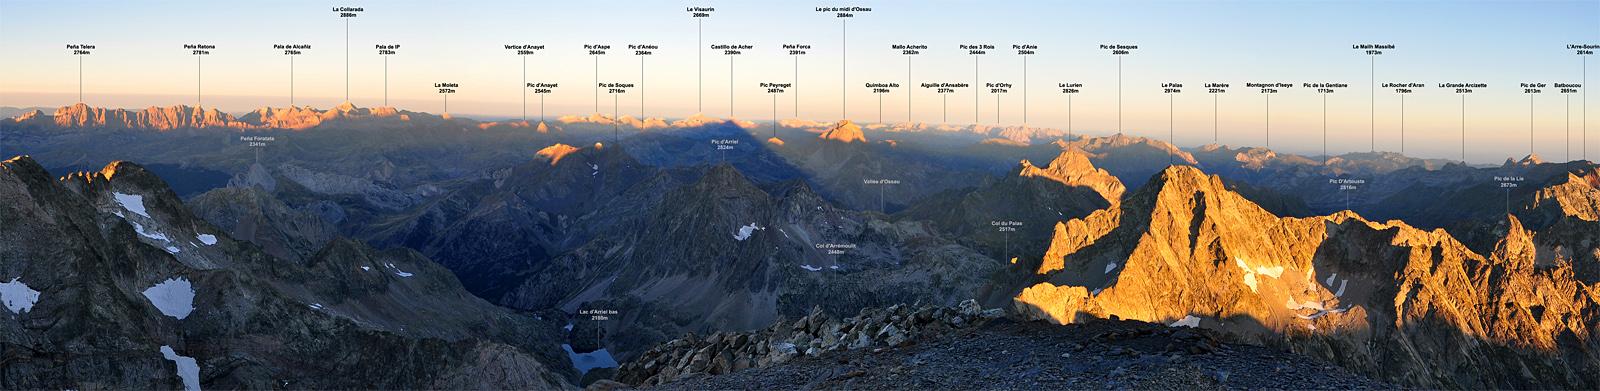 Tous les Panoramas du site Topopyrénées